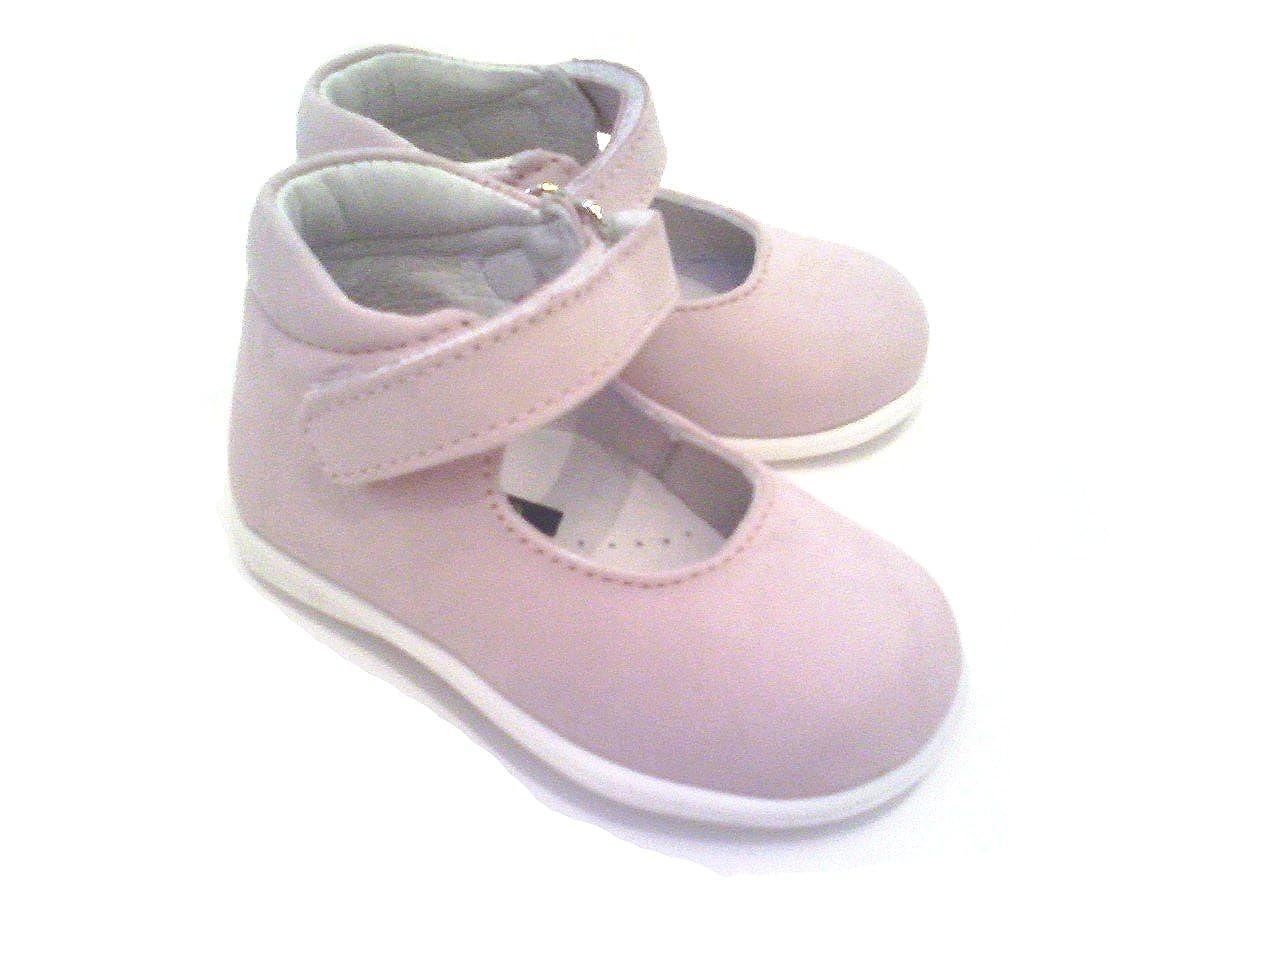 9cb85f5c50657 Scarpe bambina primi passi ballerine Mary Jane n 18 rosa pastello apertura  a strappo artigianali vendita online  Amazon.it  Scarpe e borse